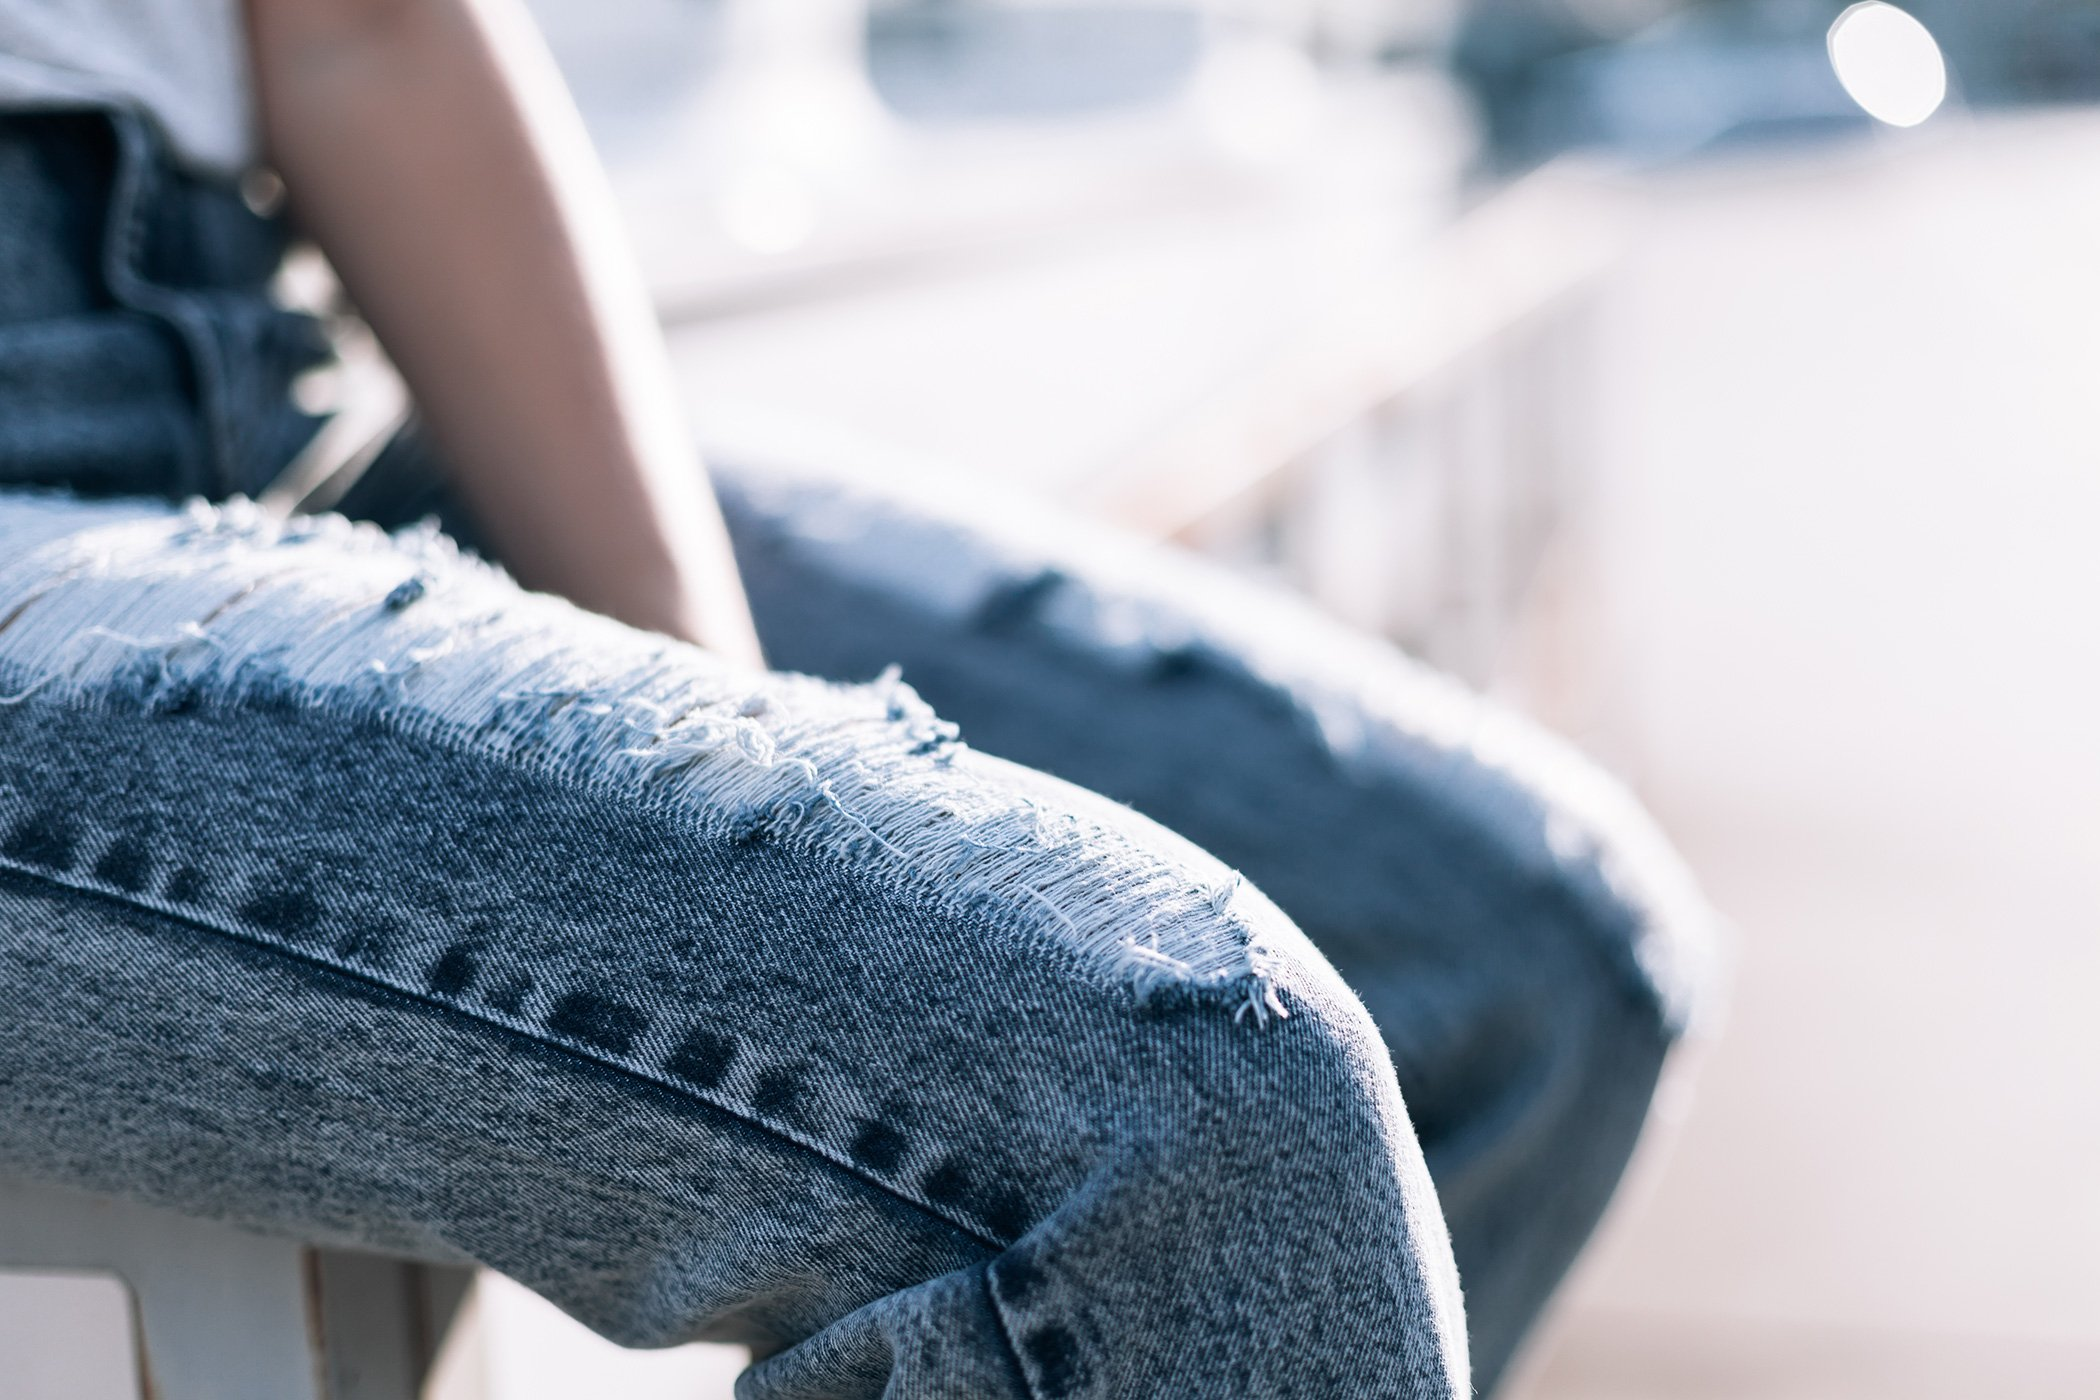 mikuta-loves-her-jeans-5